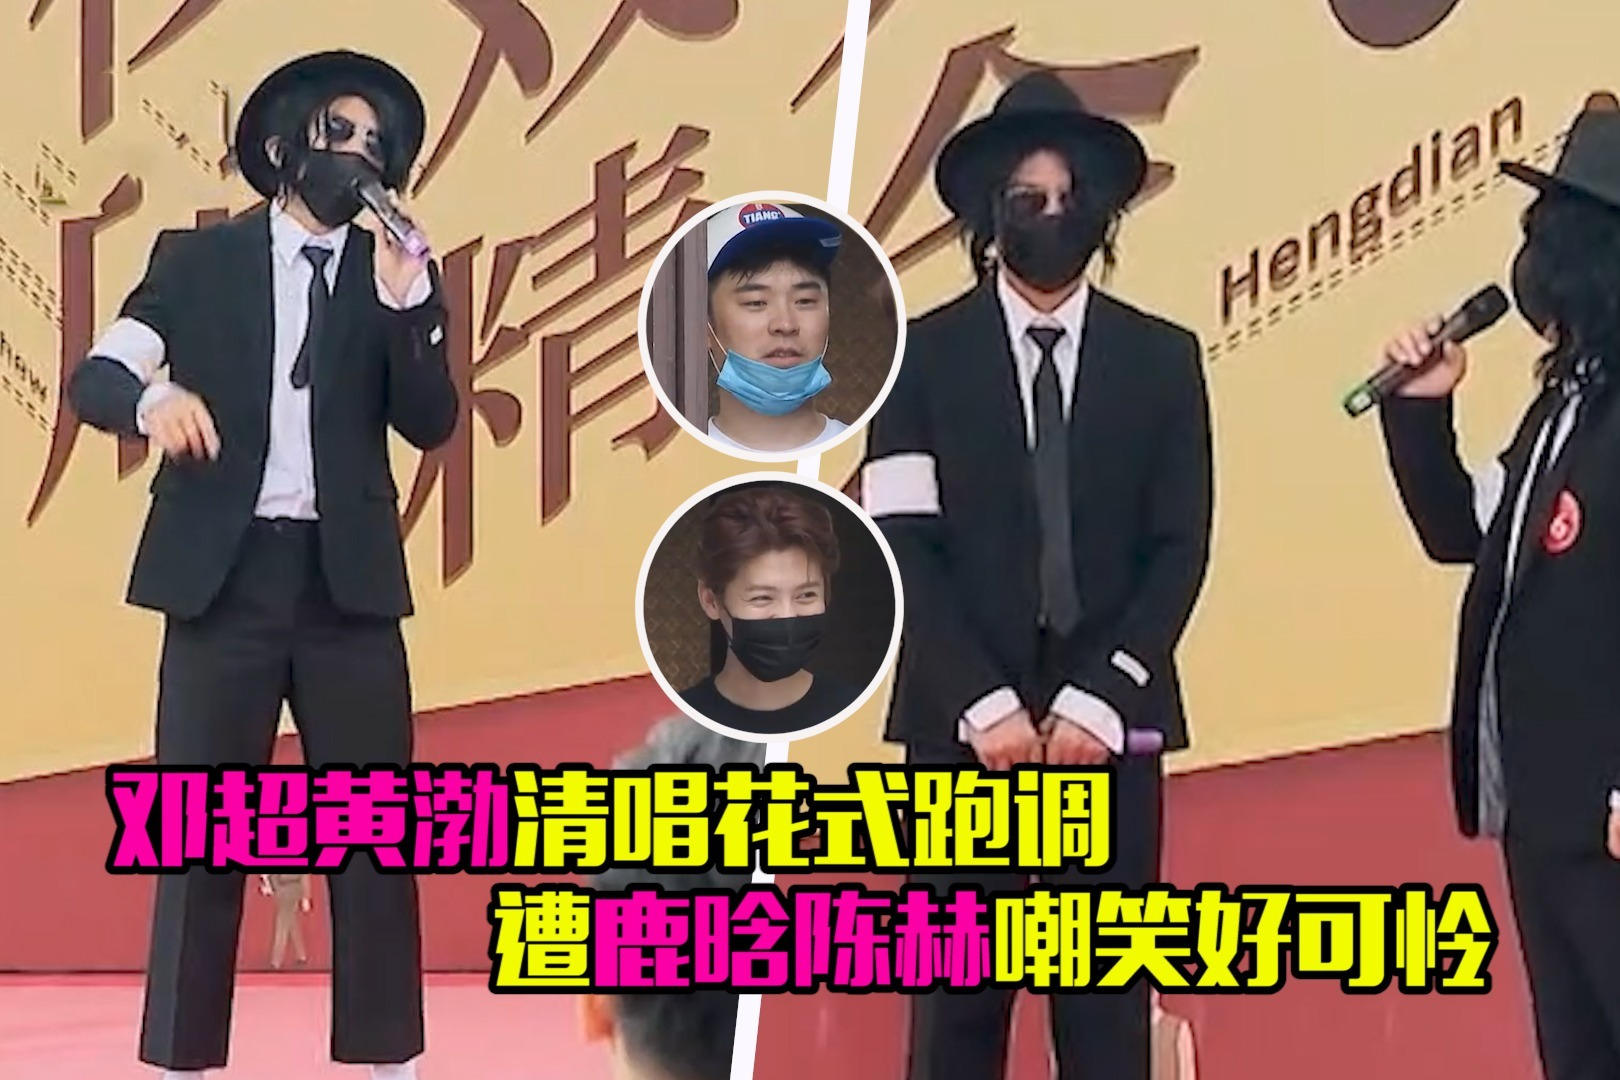 邓超黄渤清唱花式跑调,简陋的舞台上尬演